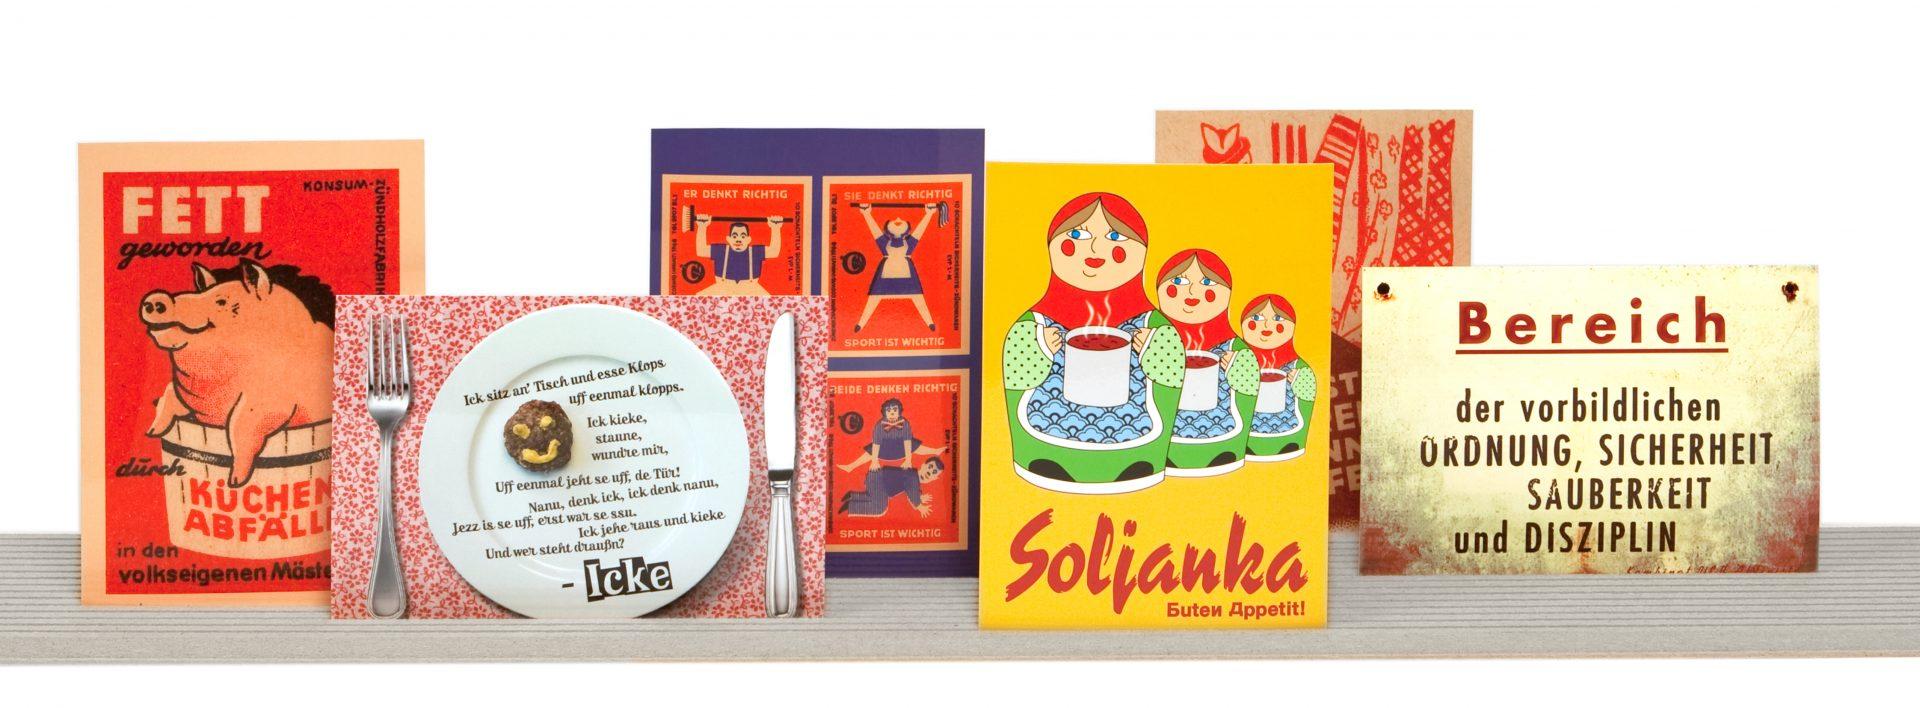 Postkartengestaltung von Typoly